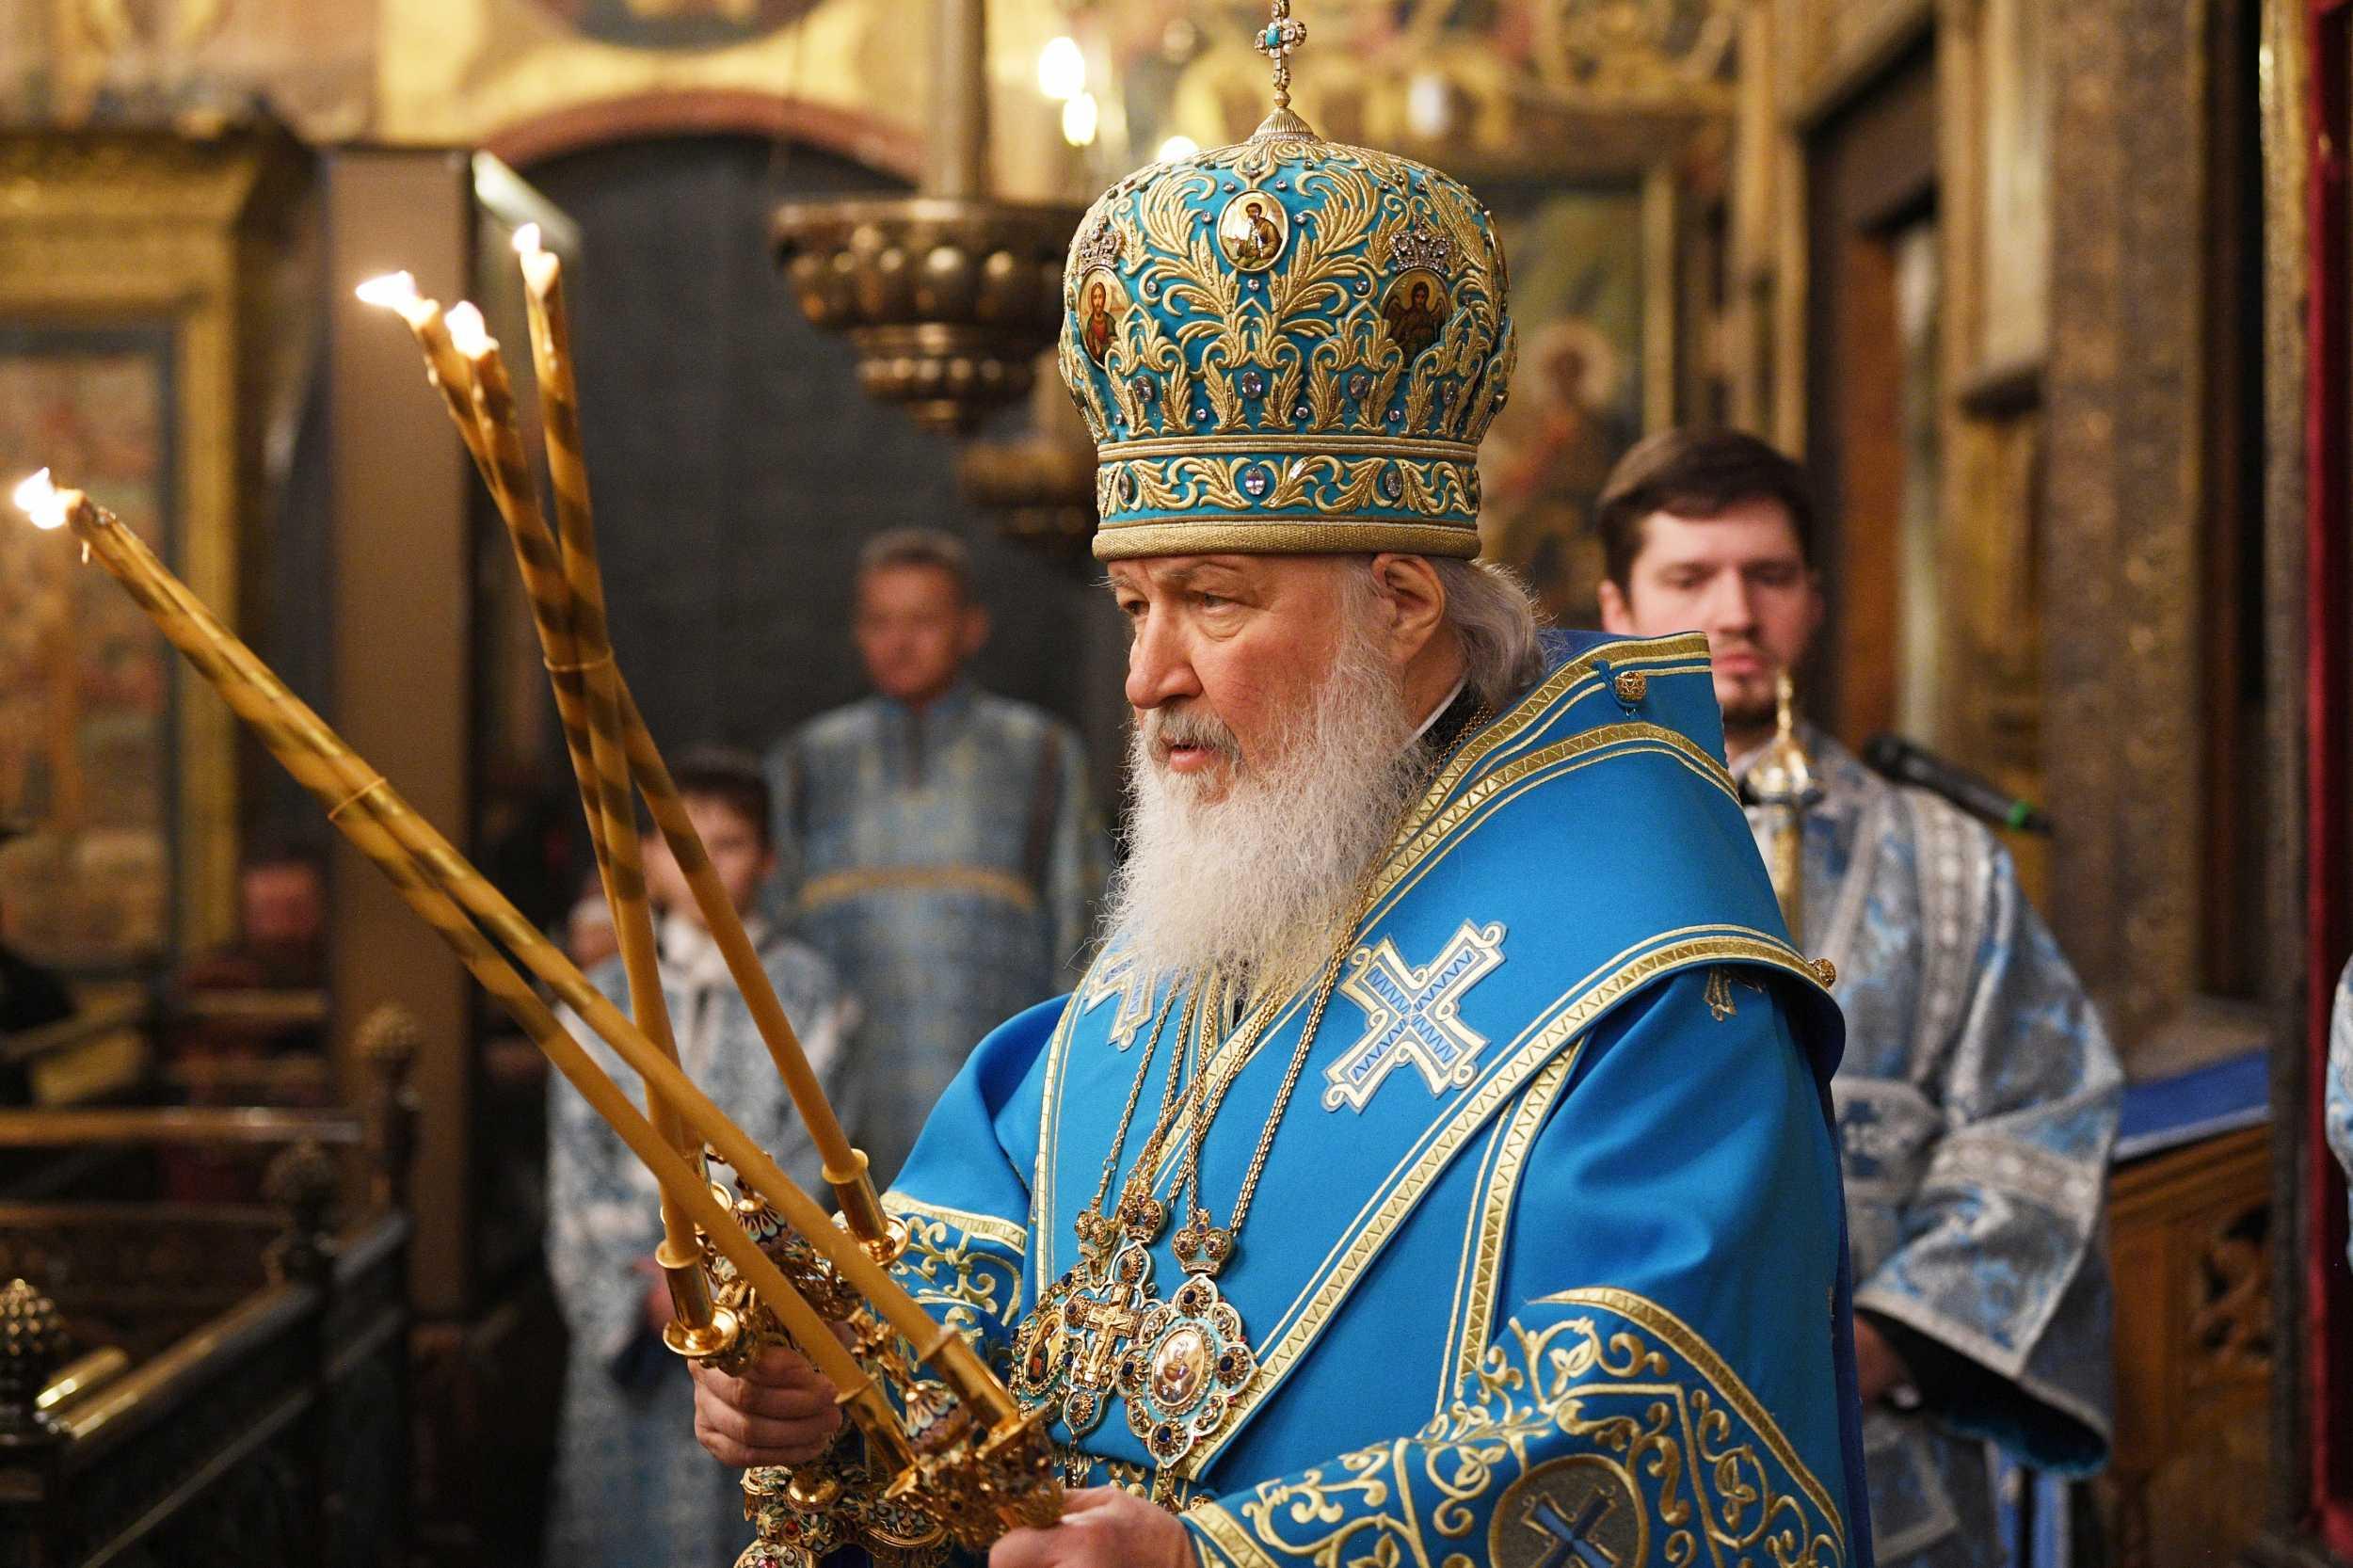 В праздник Сретения Господня Святейший Патриарх Кирилл совершил Литургию в Успенском соборе Московского Кремля